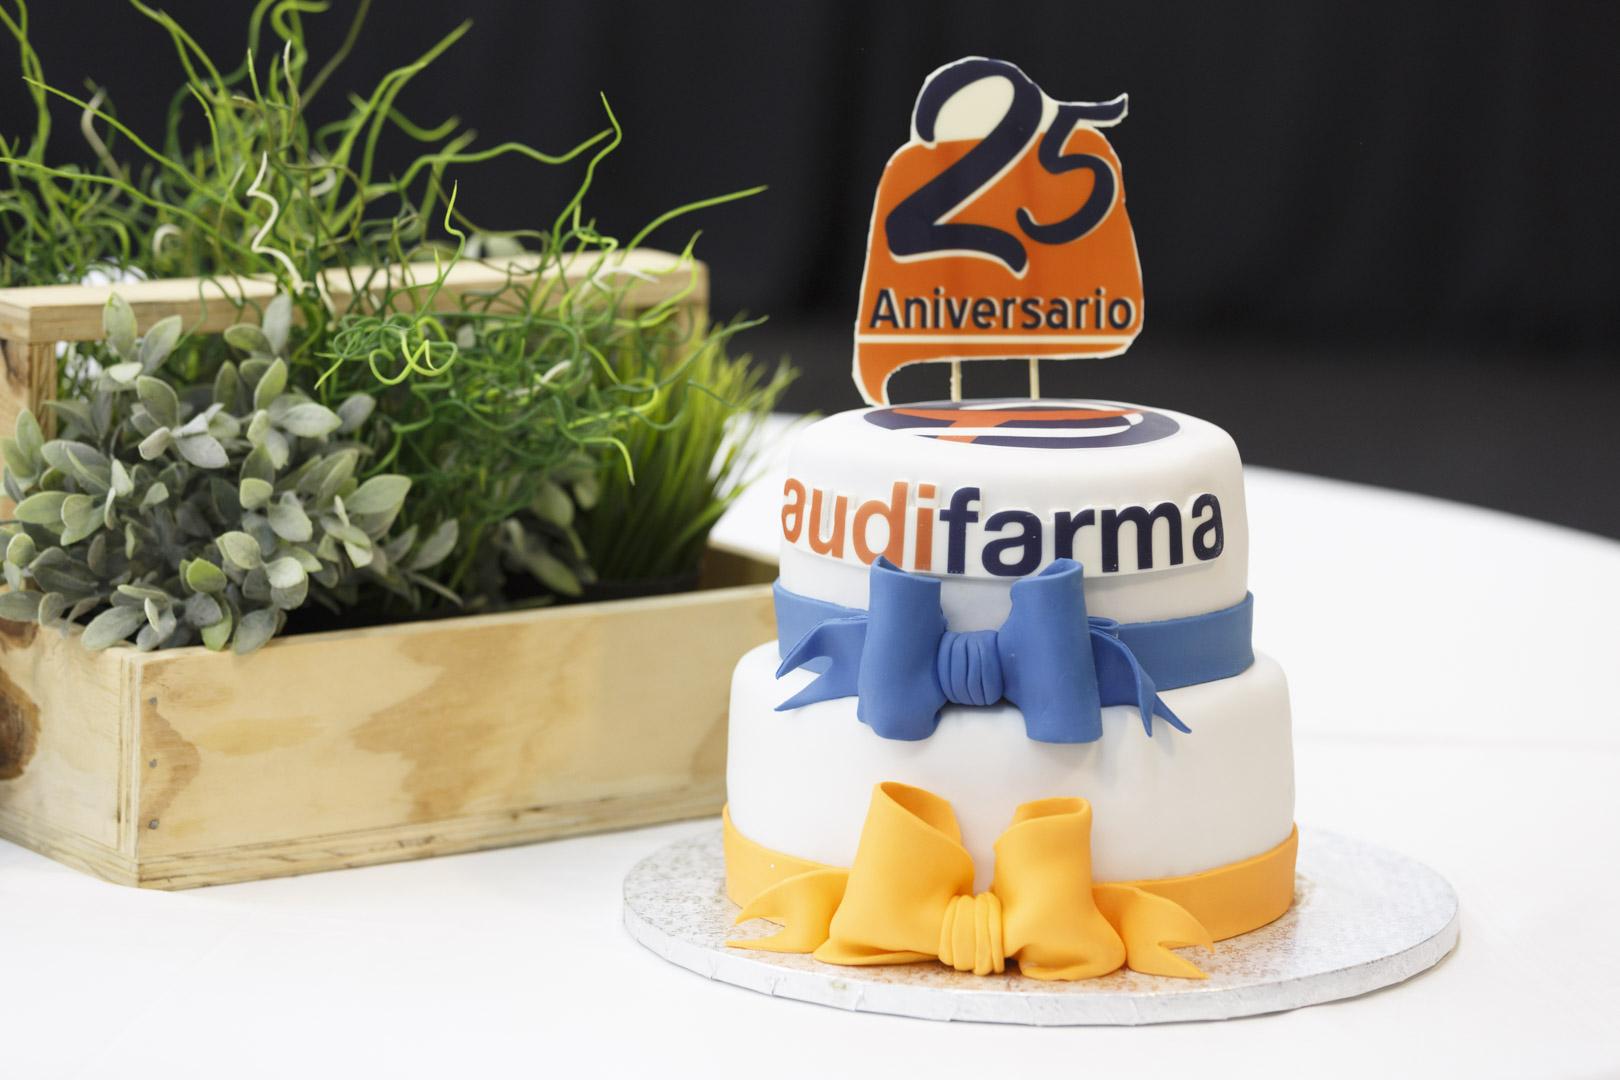 25 Aniversario de Audifarma